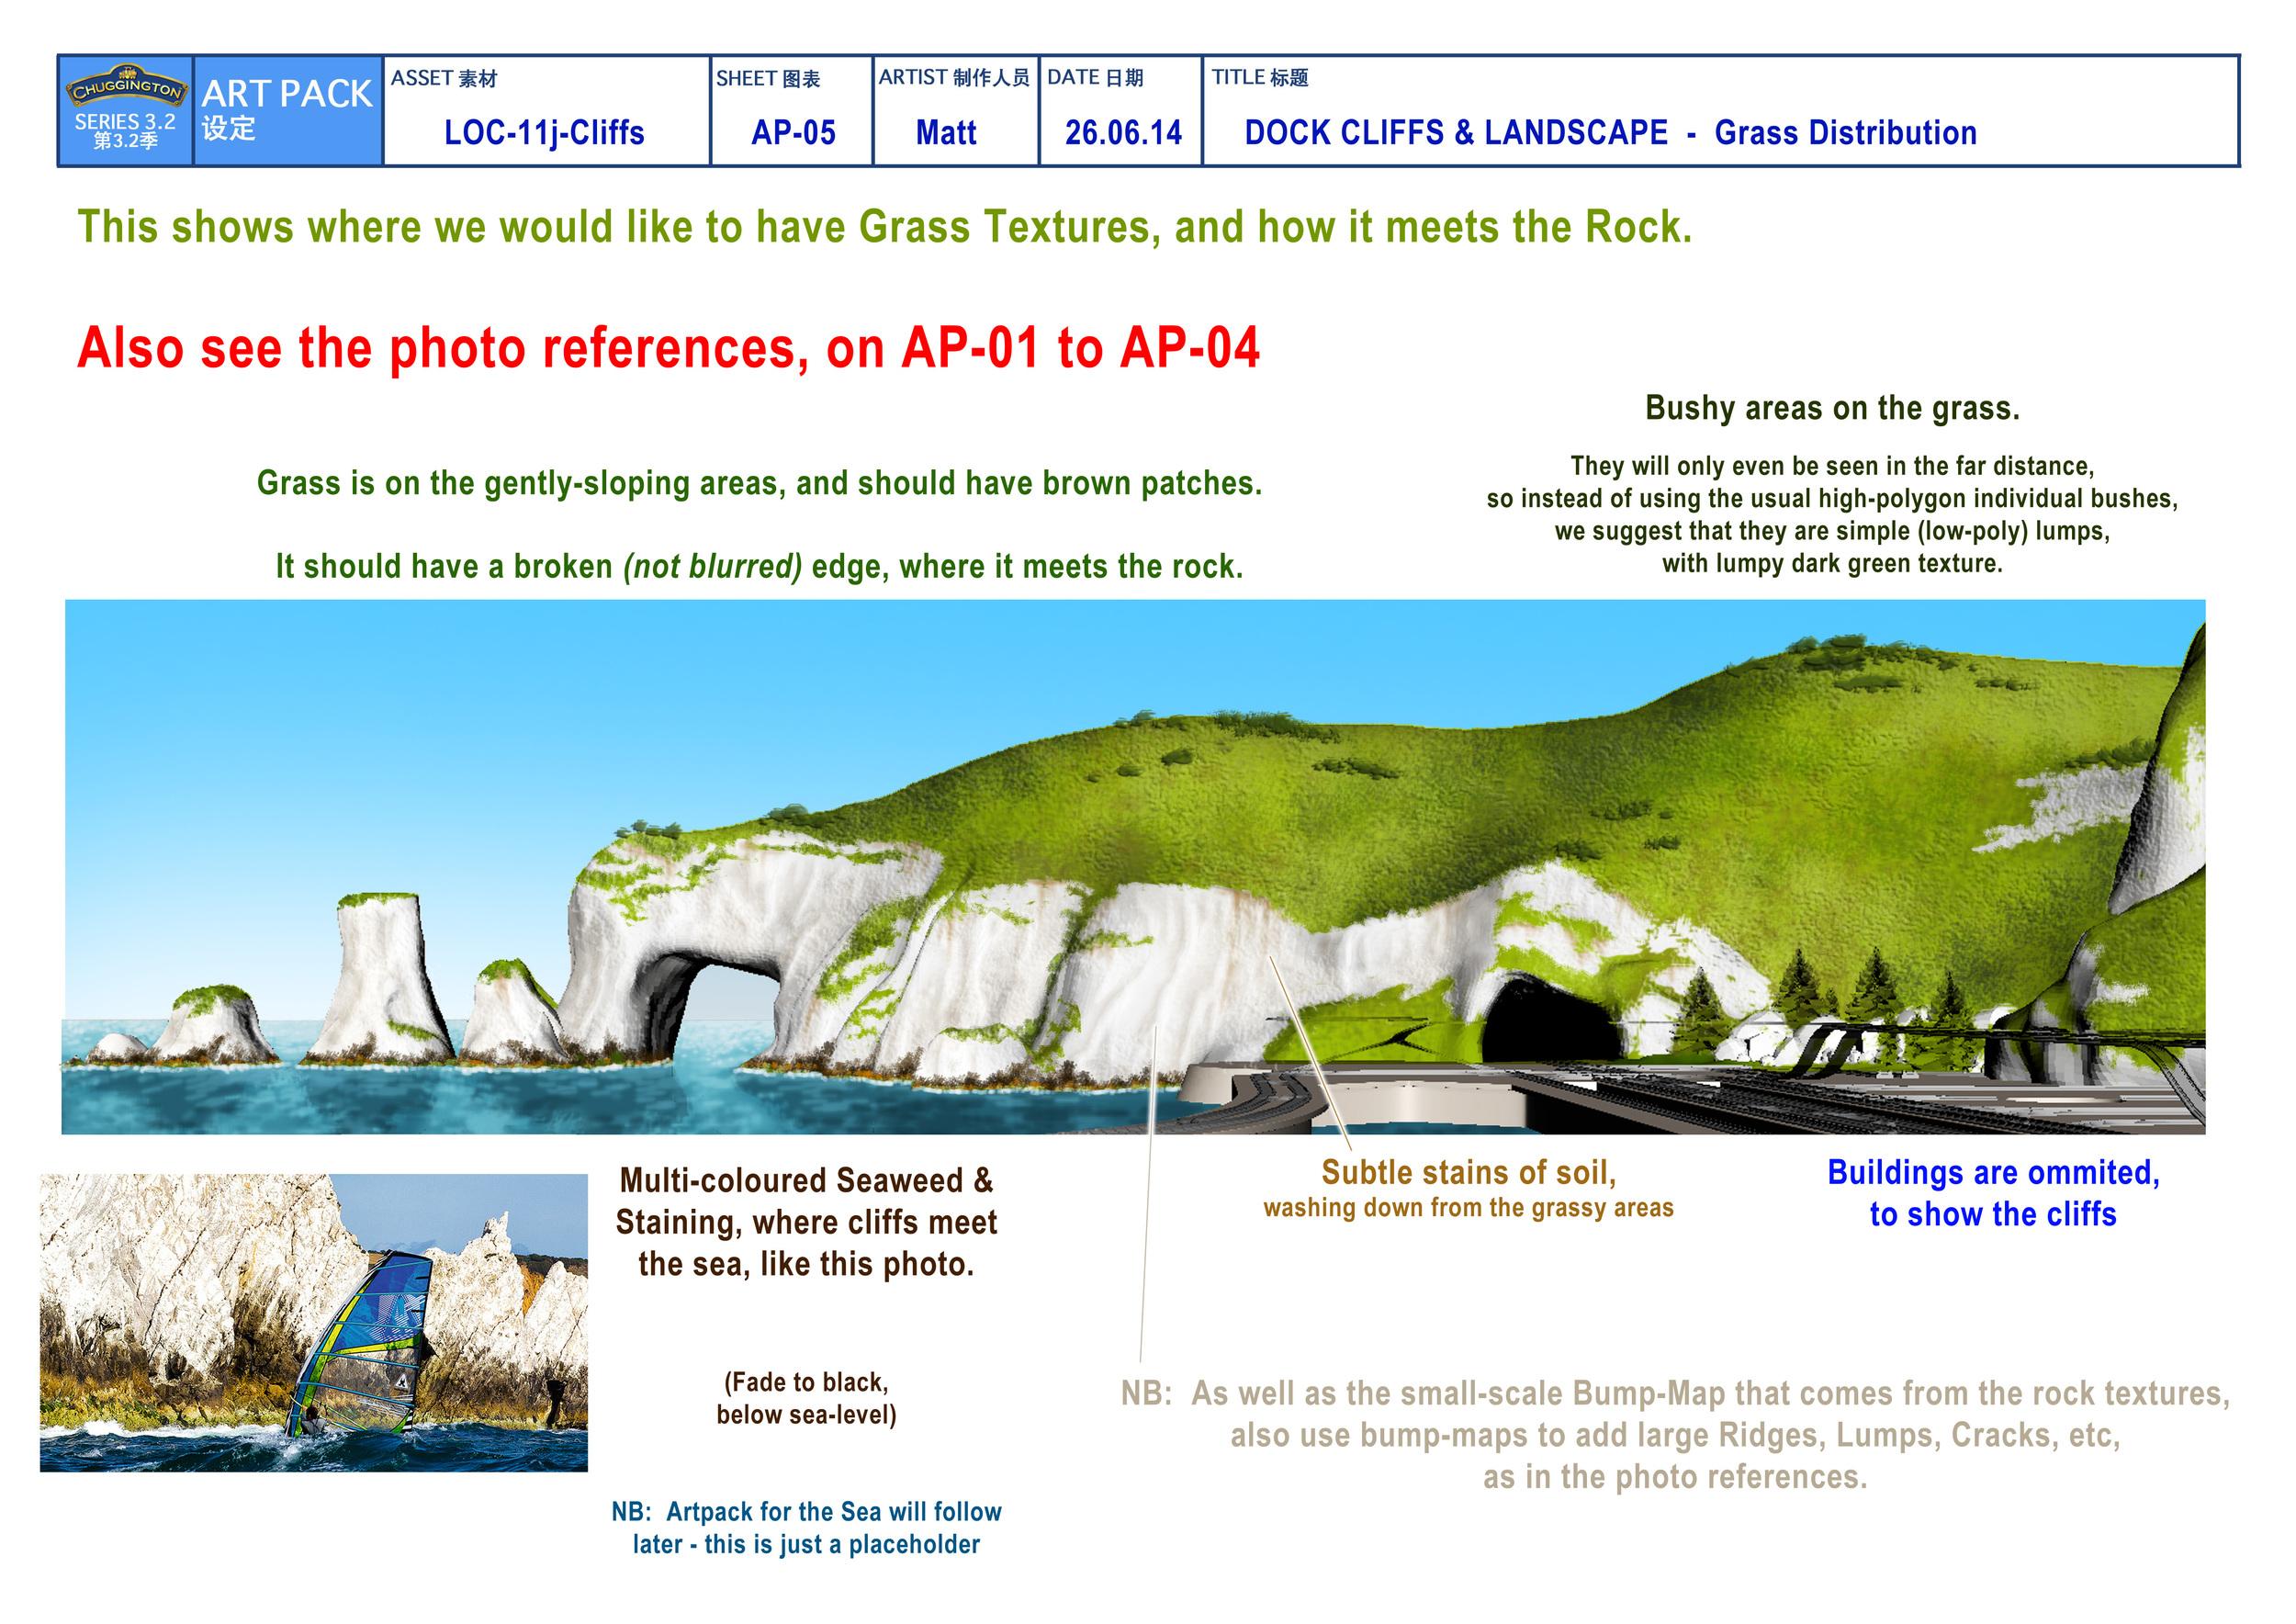 LOC-Cliffs_AP-05_2014-06-26.jpg